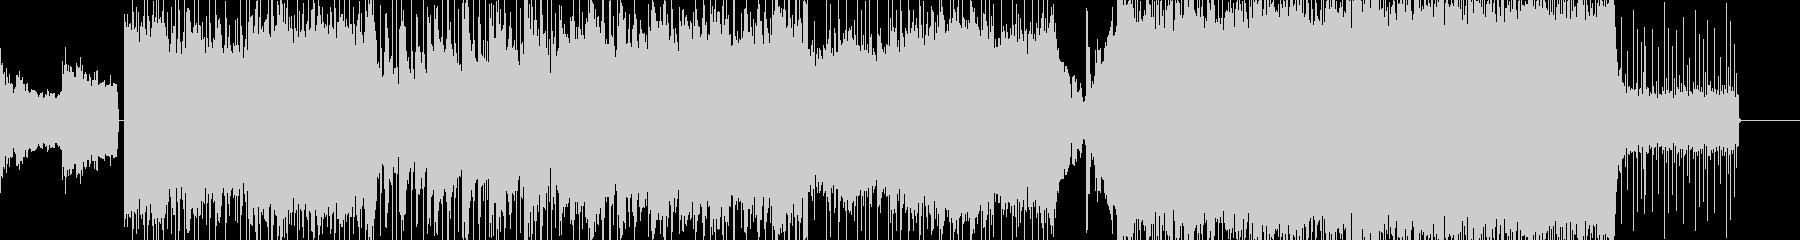 壮大でパワフルなオーケストラロックの未再生の波形